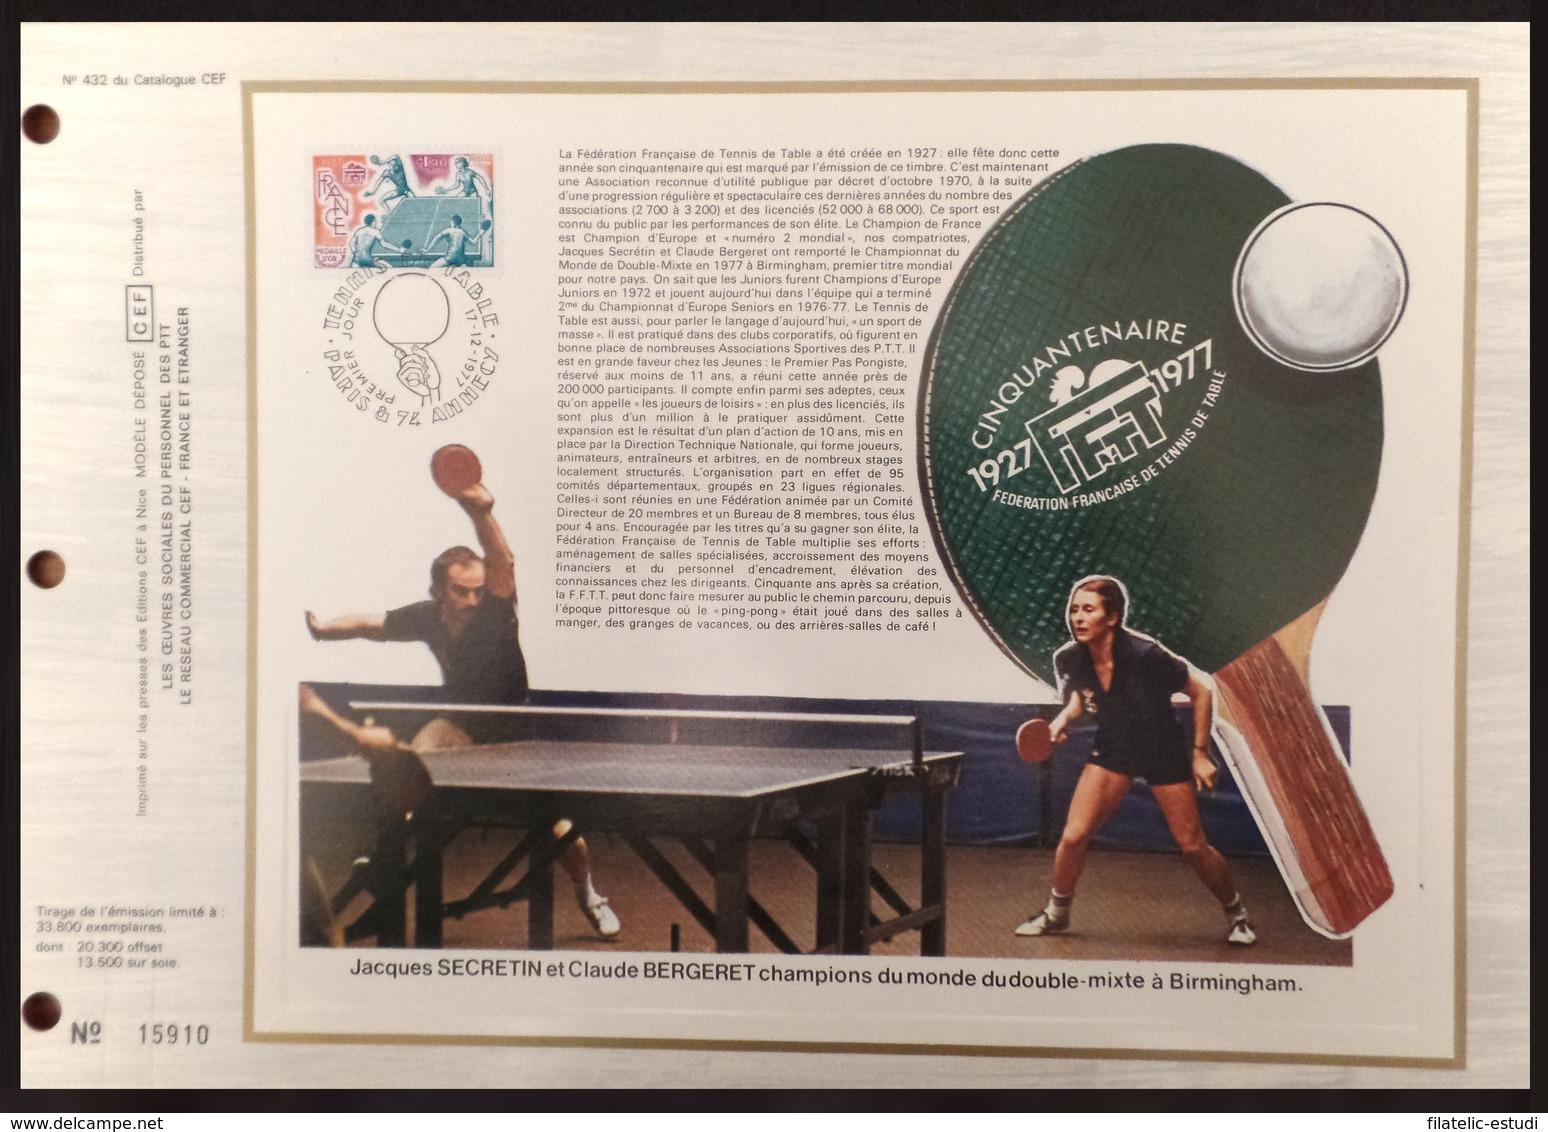 Colección Collection Tenis De Mesa Tenis Table Ping Pong - Colecciones (en álbumes)